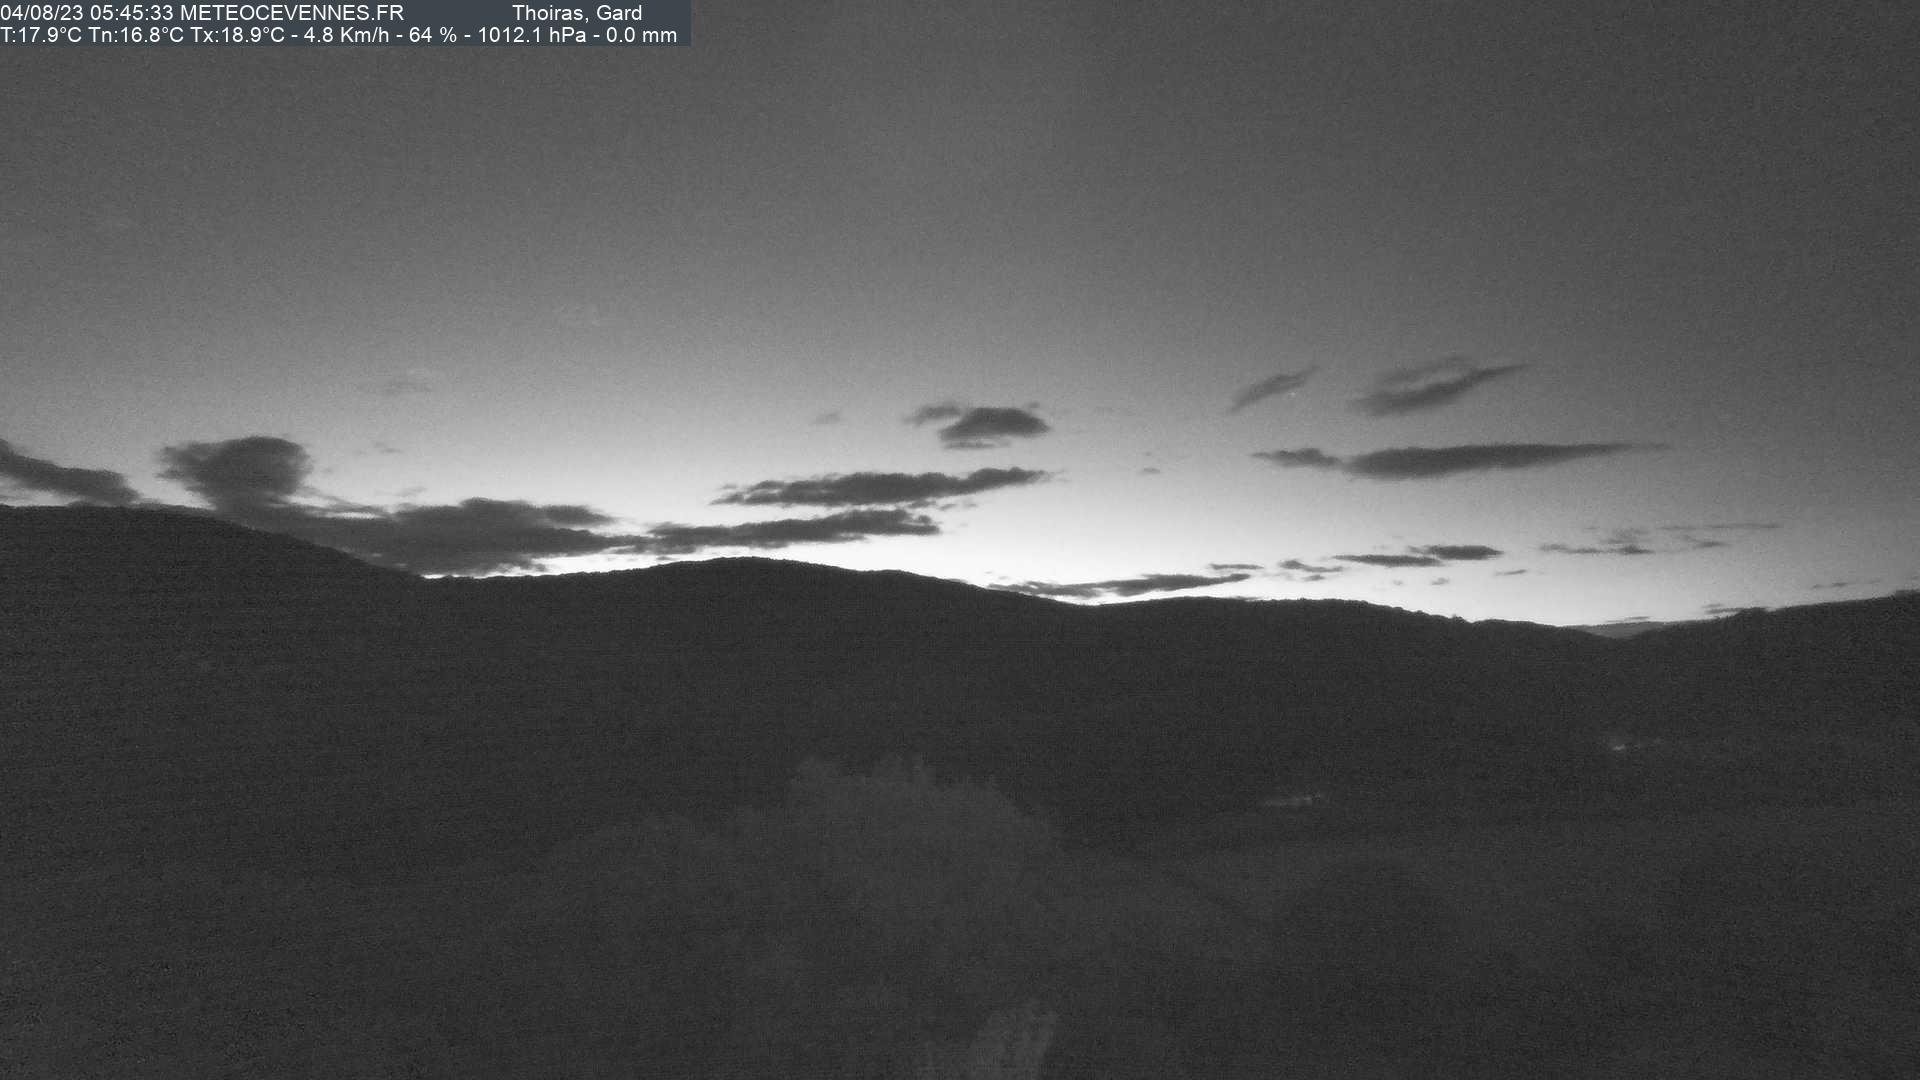 meteociel brive type de temps observ en france et en. Black Bedroom Furniture Sets. Home Design Ideas